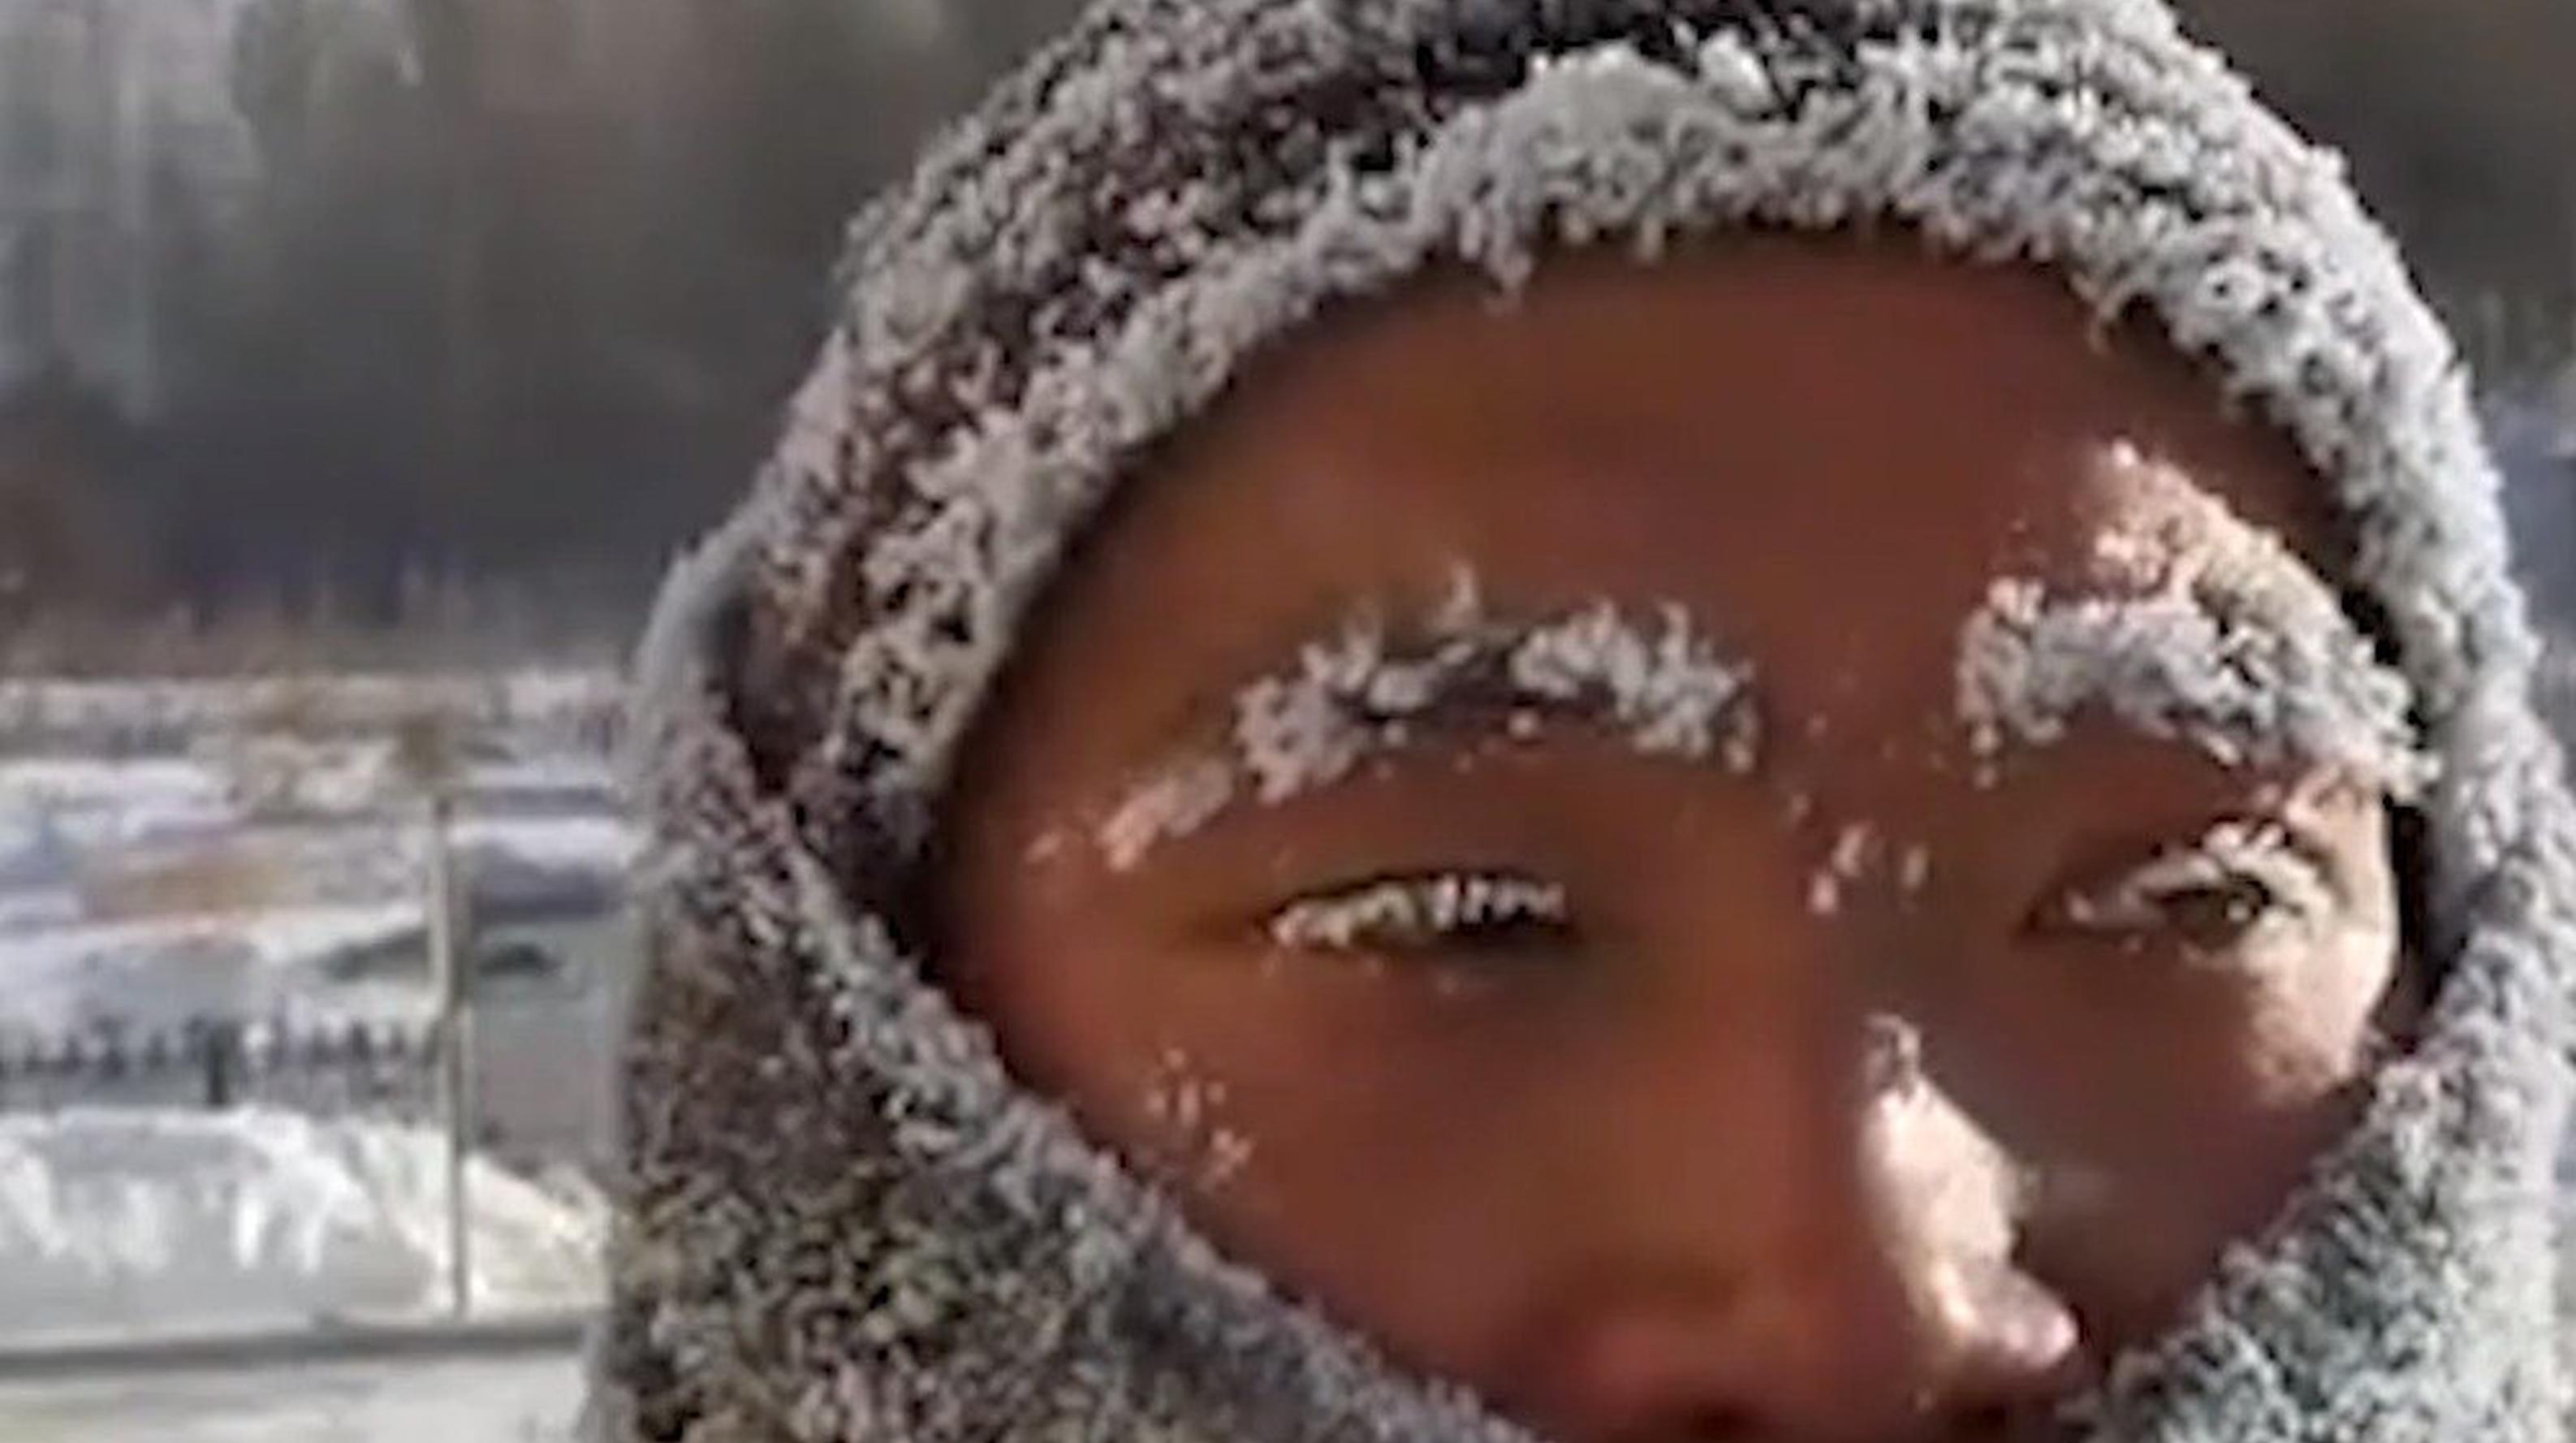 心疼!消防员零下30度冻出冰雪妆